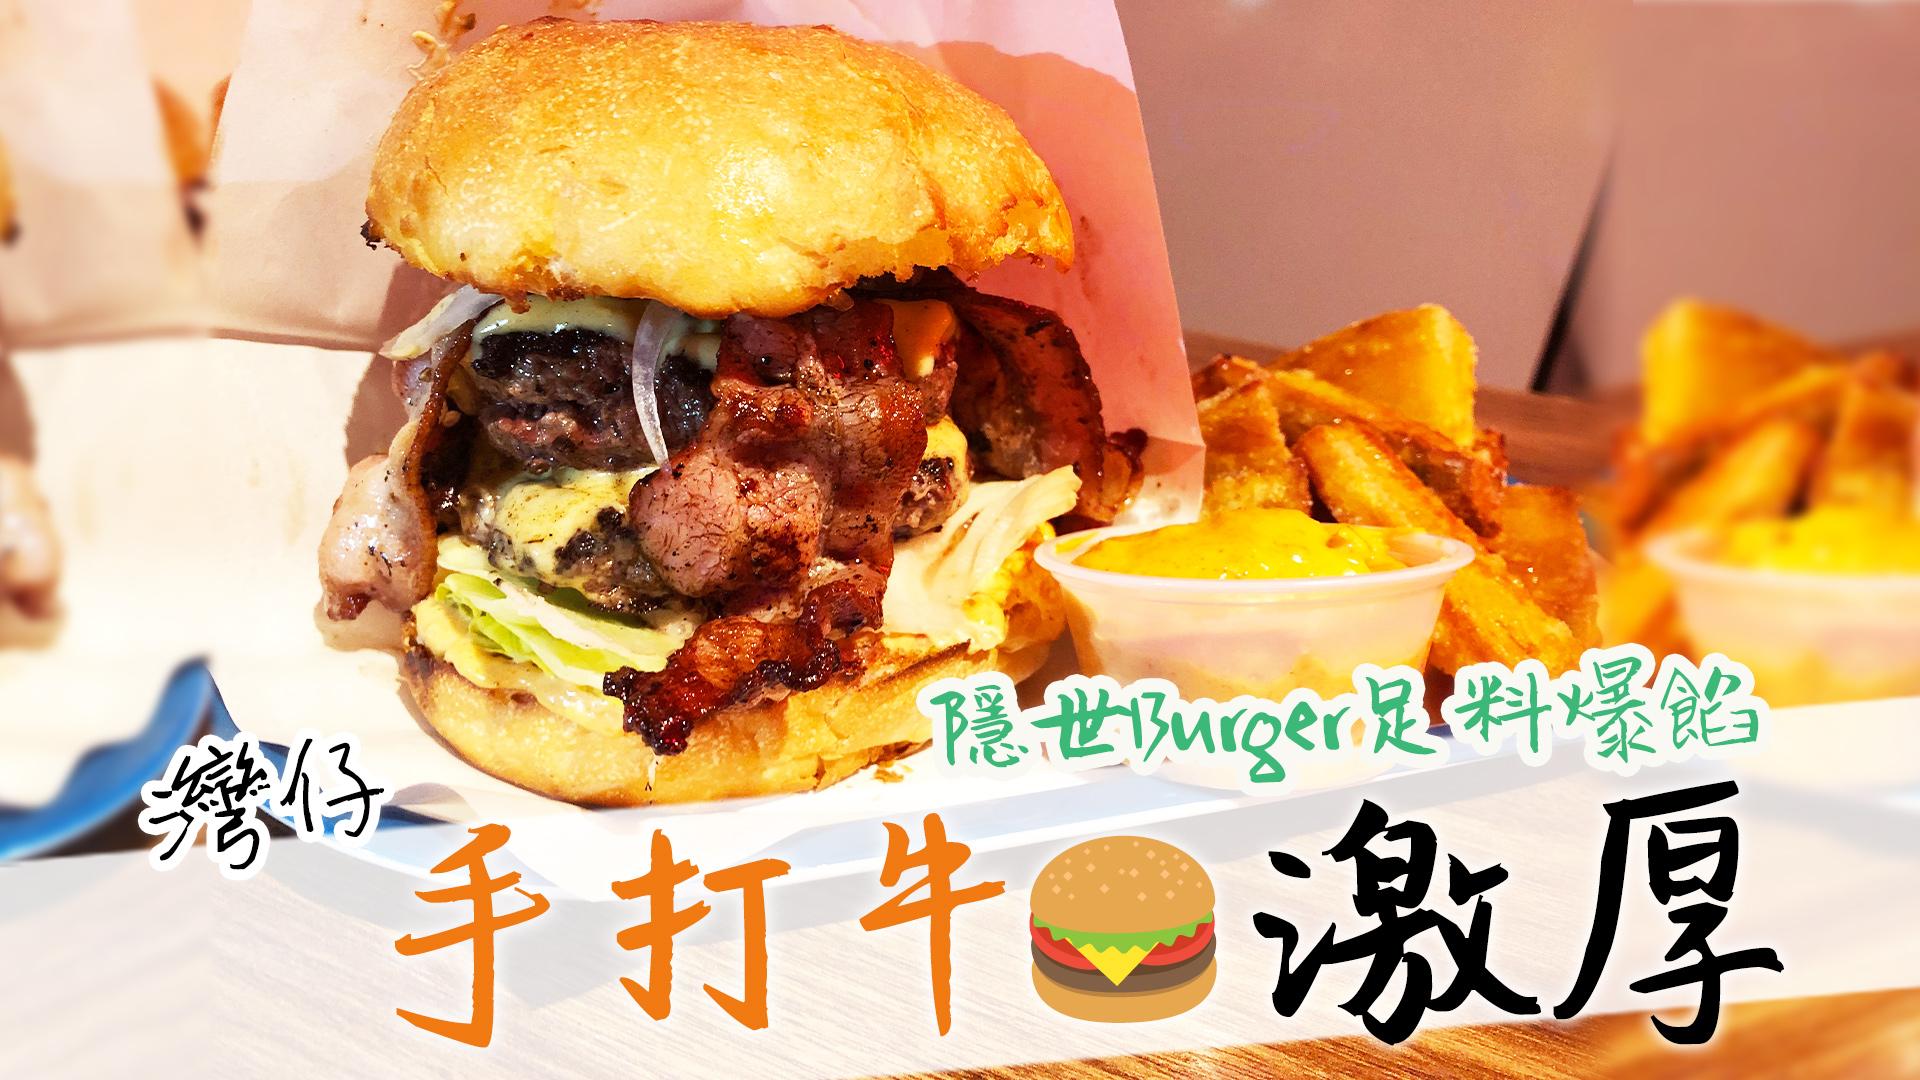 Honbo 灣仔 (灣仔) 隱世Burger足料爆餡 手打牛激厚 【按圖睇片】